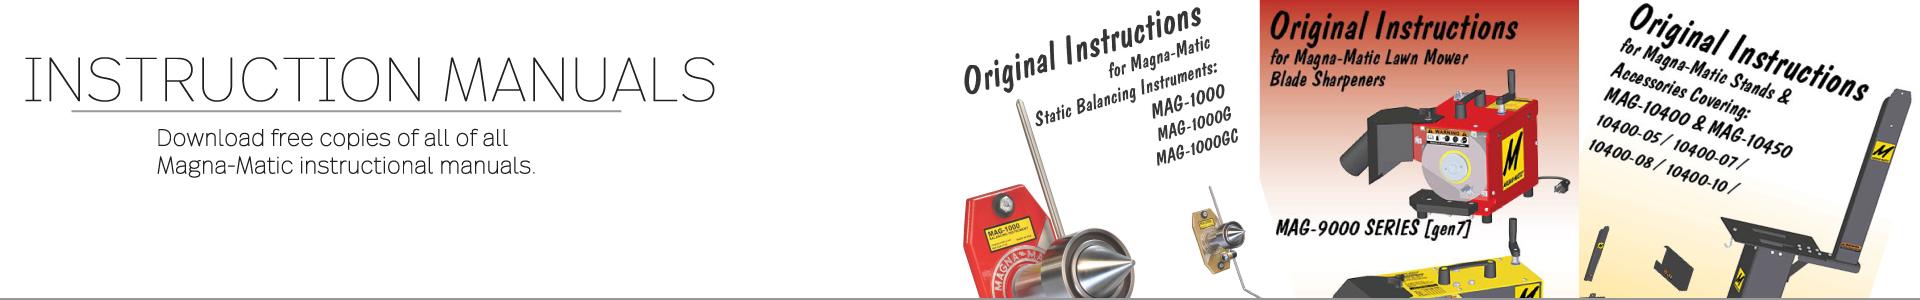 Instruction manuals header